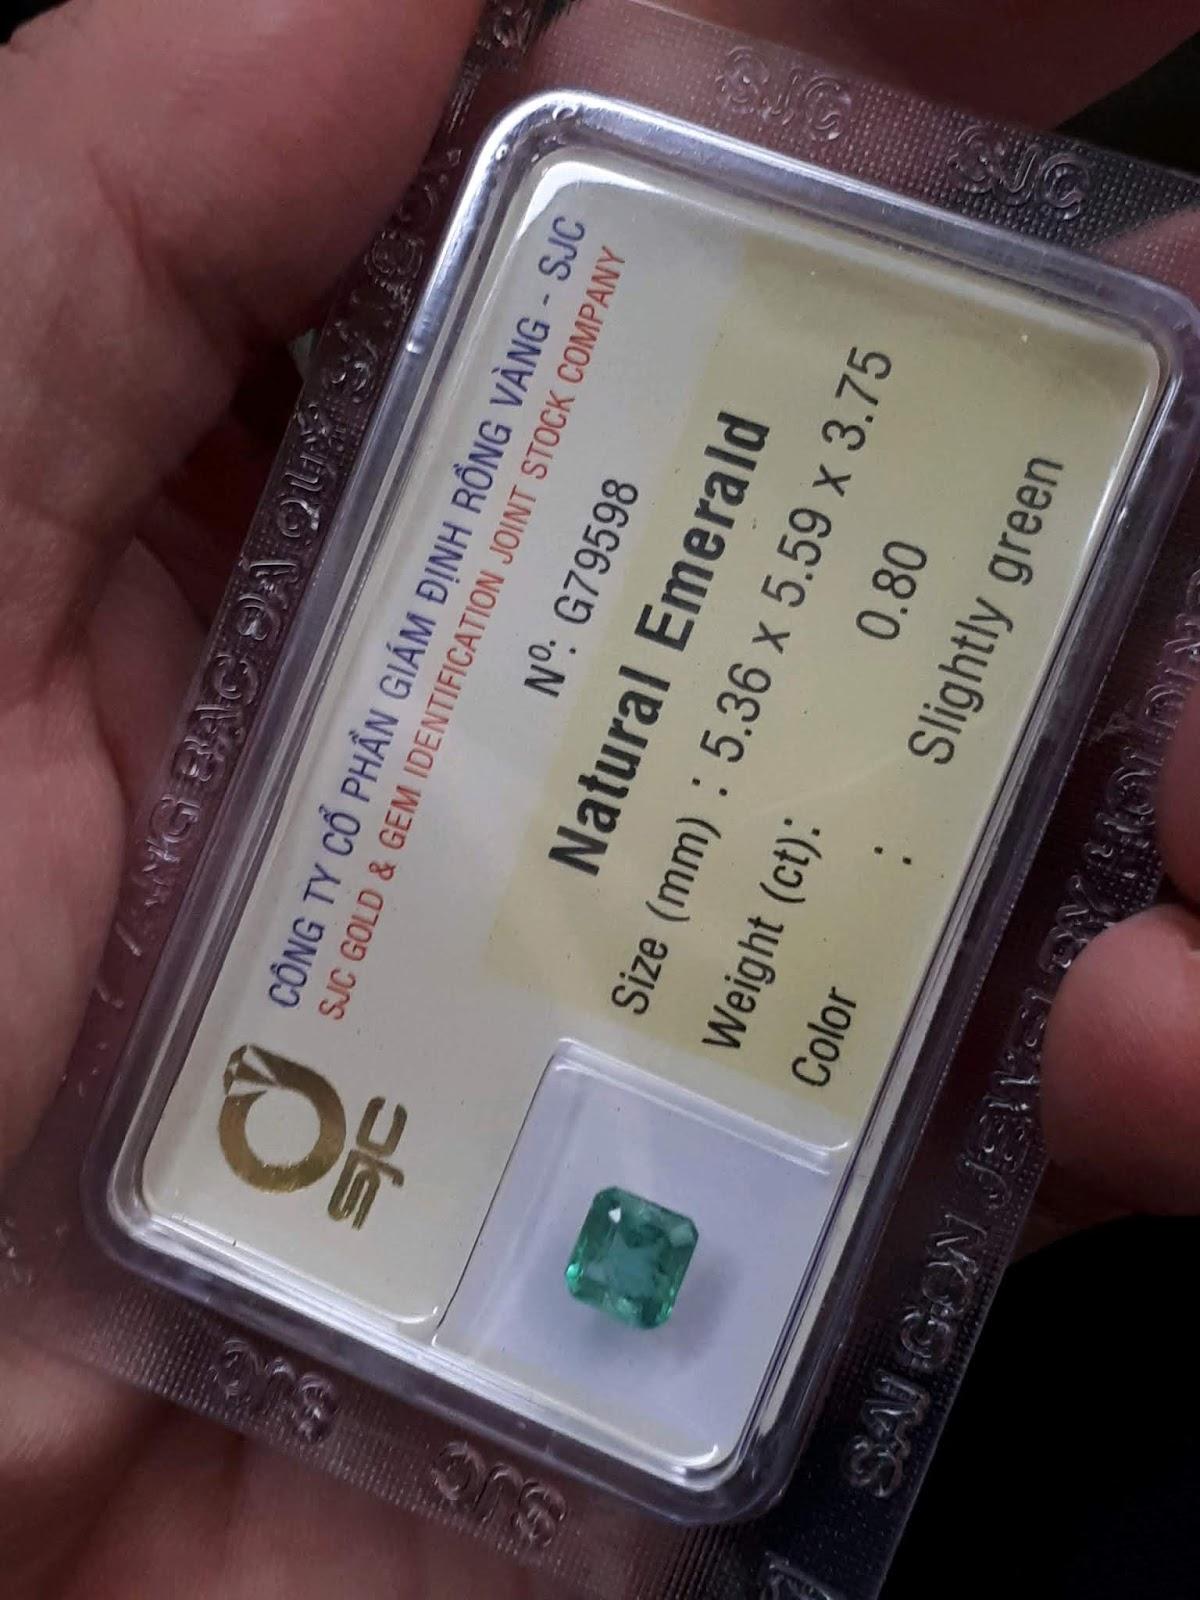 Đá Emerald Ngọc Lục Bảo vuông thiên nhiên 0,8cts đã kiểm định SJC Rồng Vàng